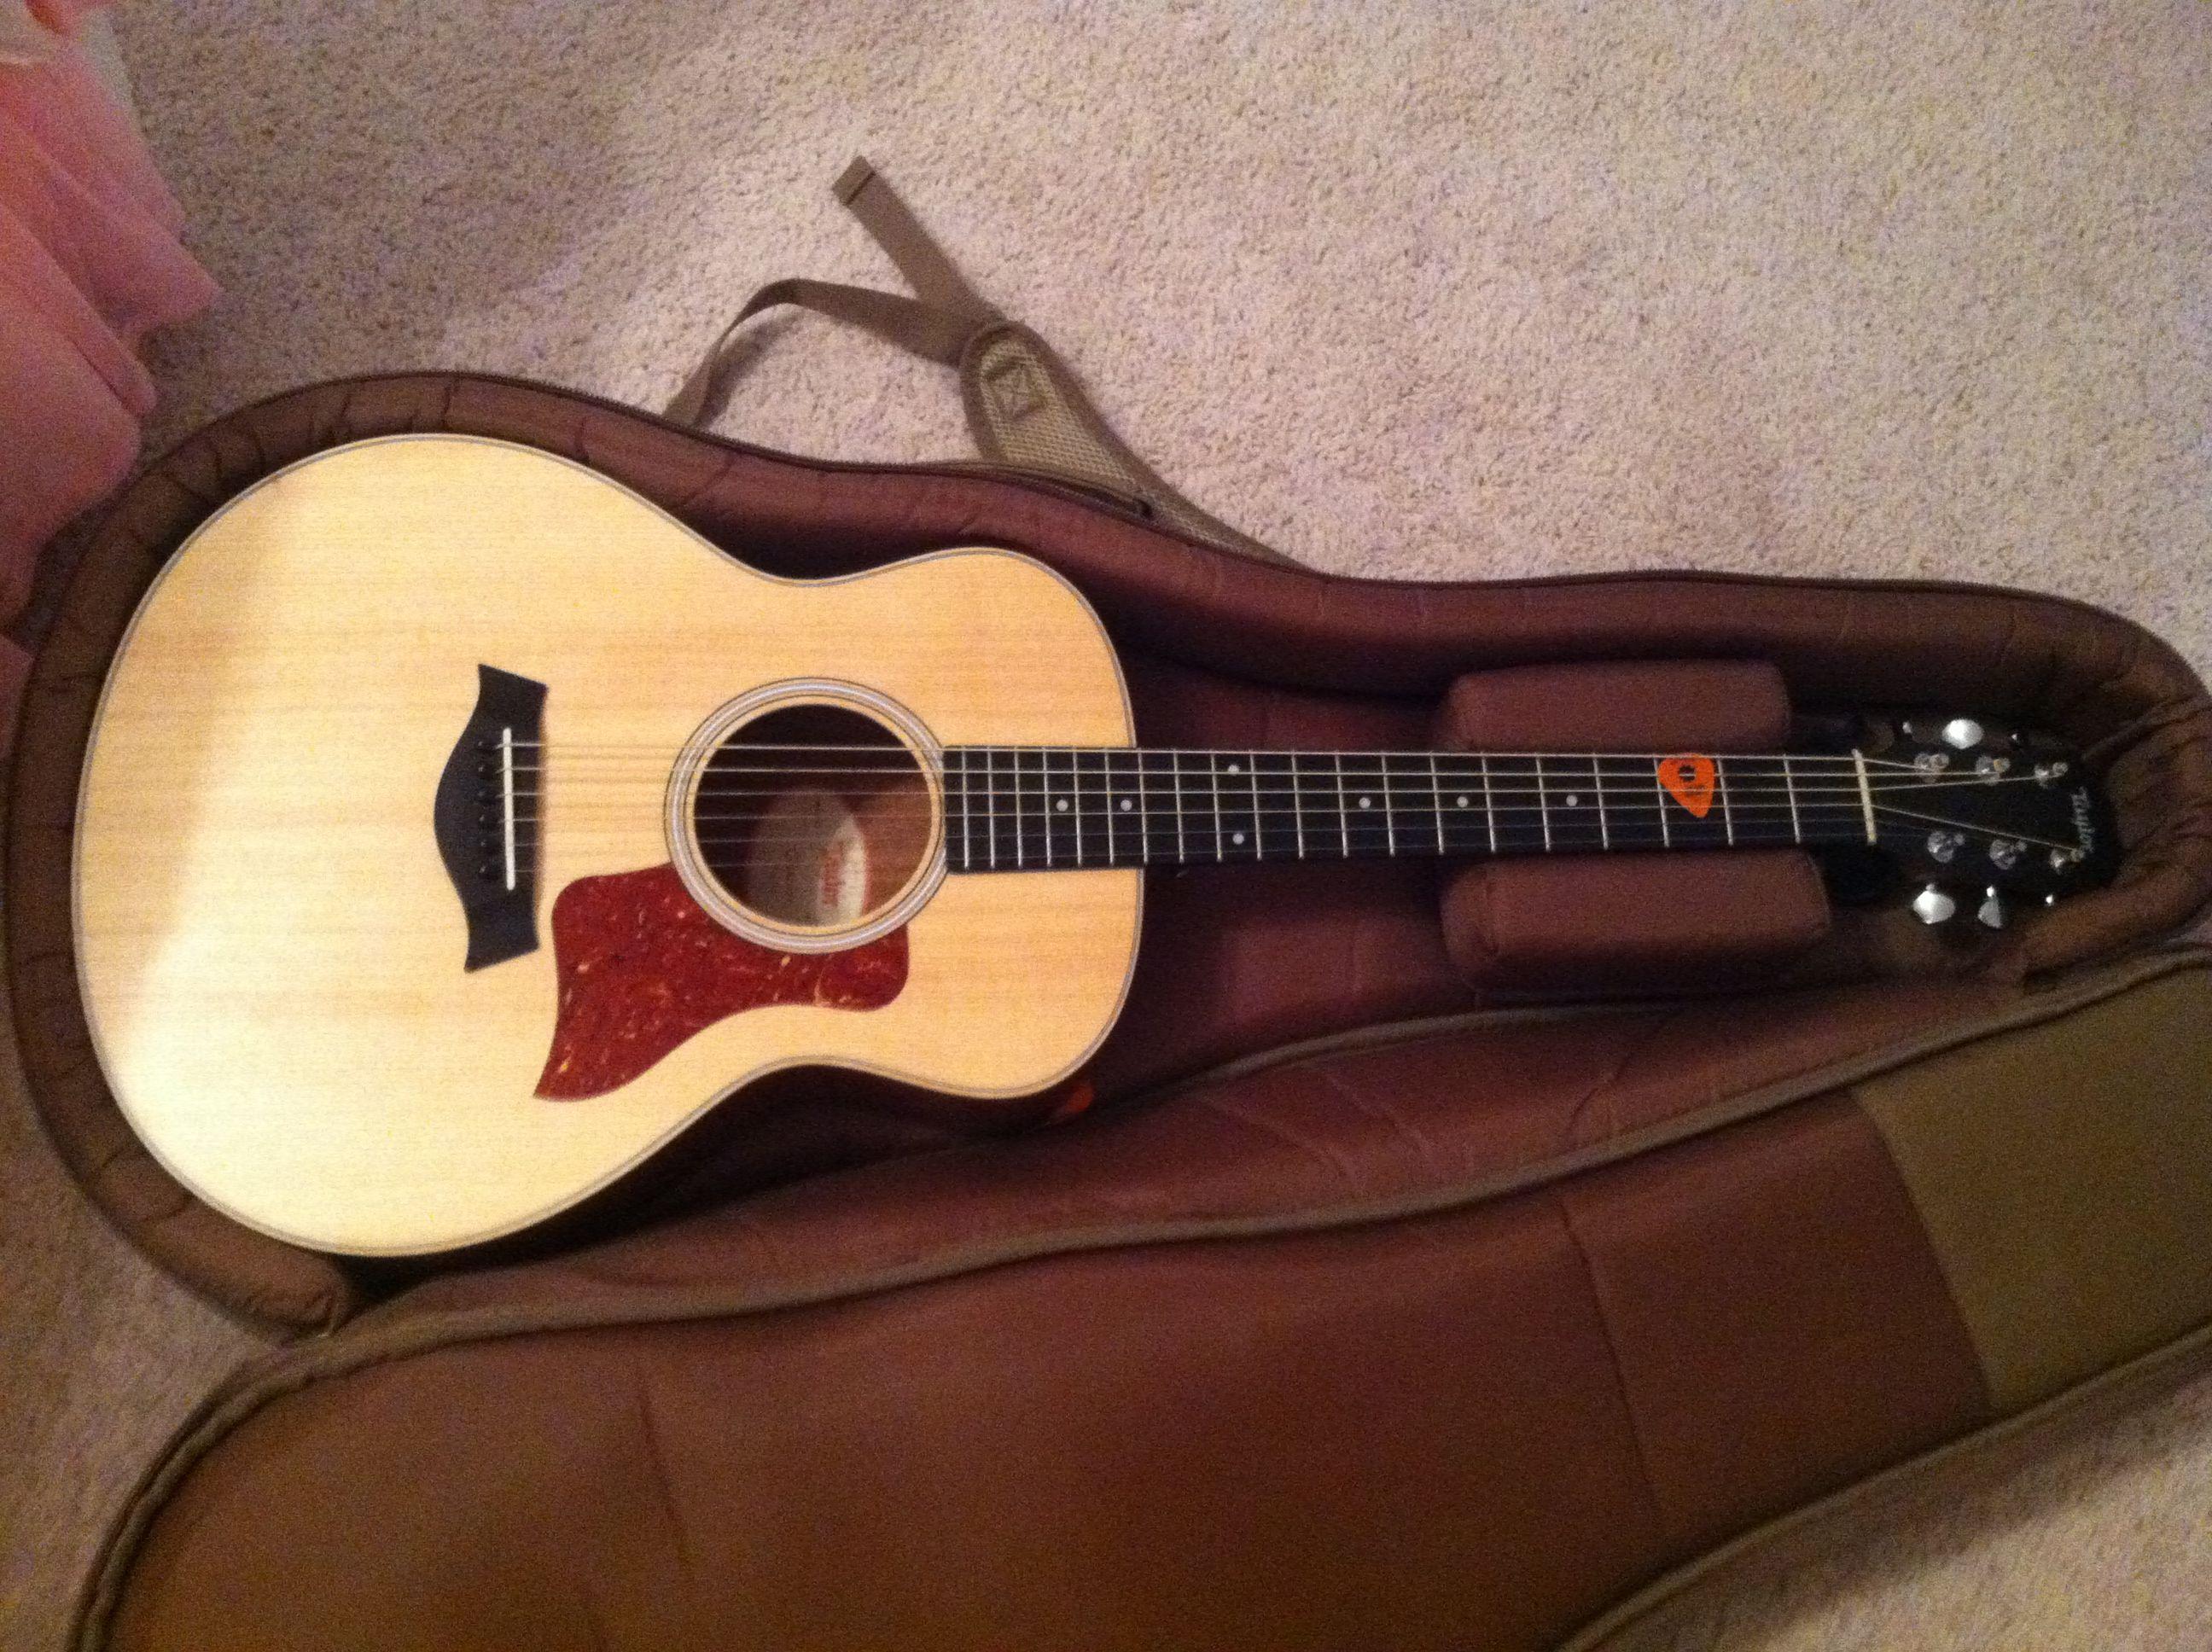 A Taylor Brand Gs Mini Guitar Guitar Mini Flats Top